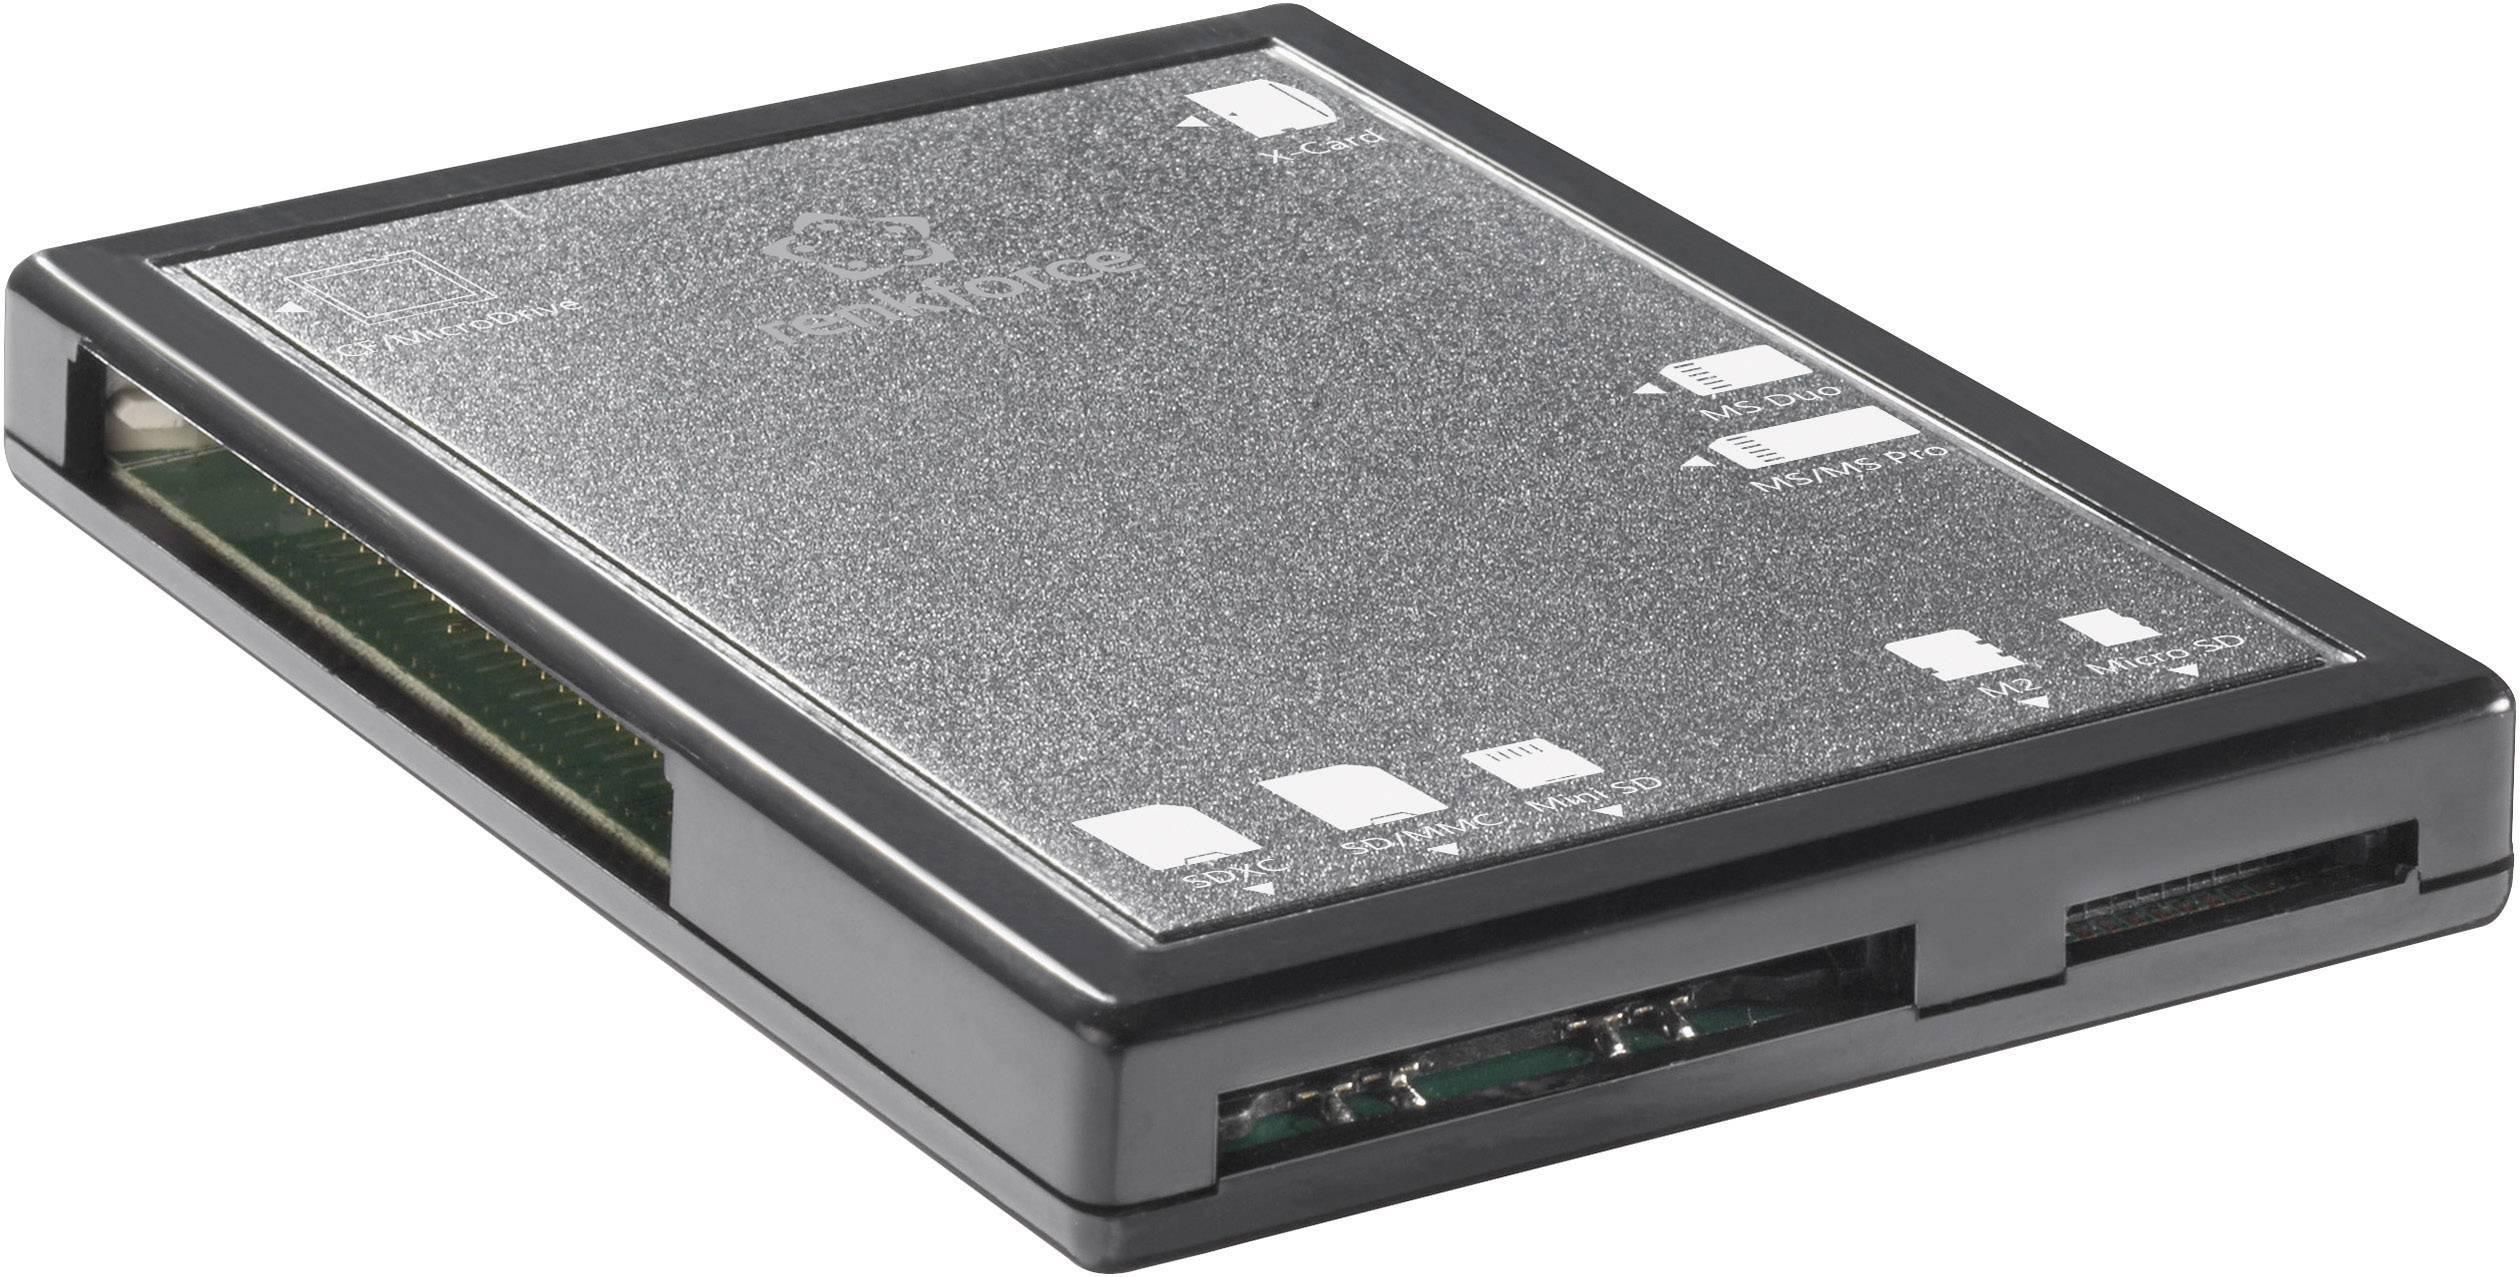 Externí čtečka paměťových karet Renkforce CR01e, USB 2.0